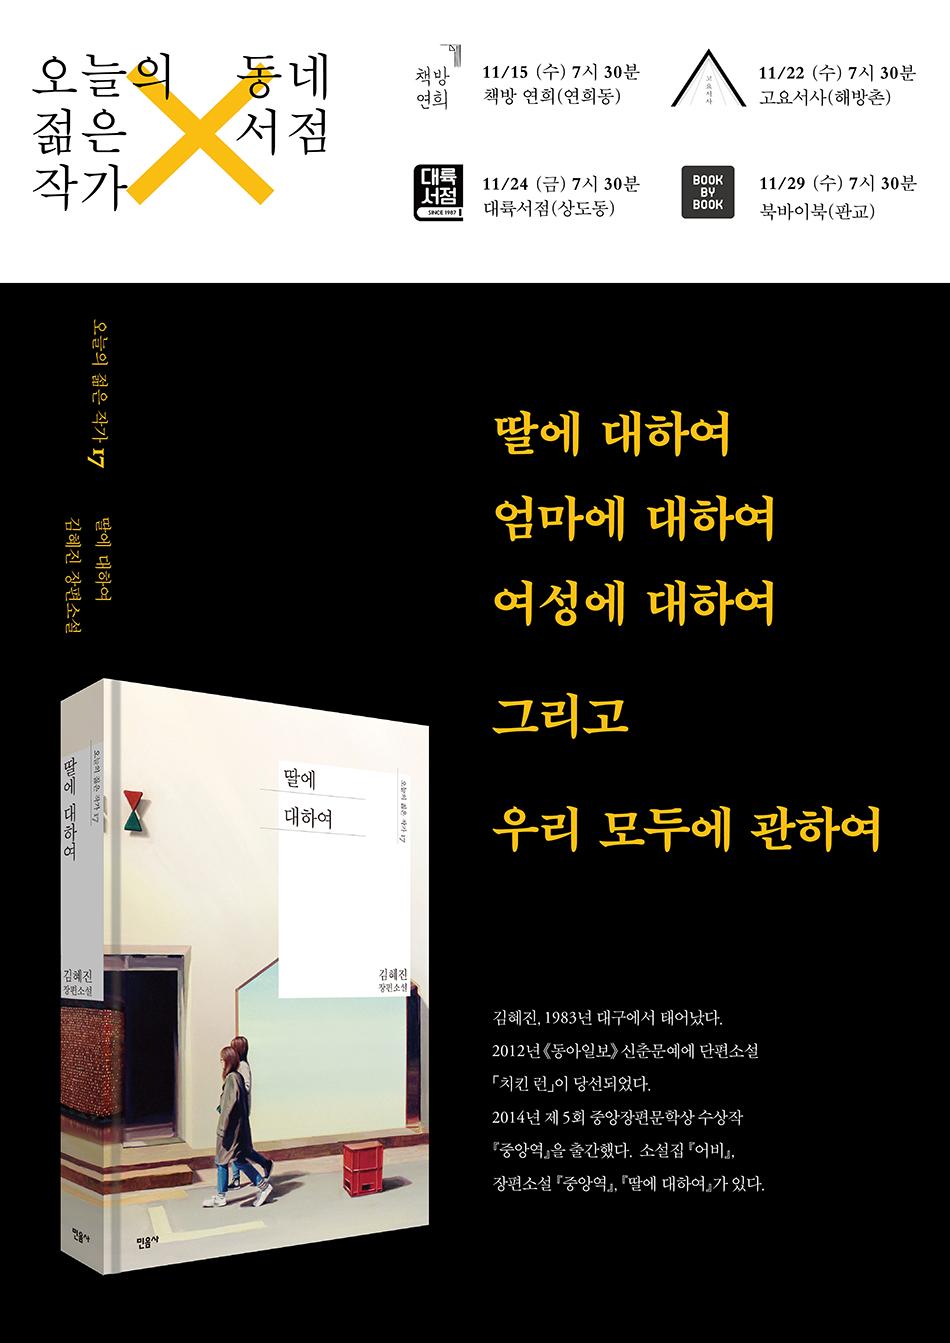 오늘의젊은작가_동네서점_a3_포스터 (1)